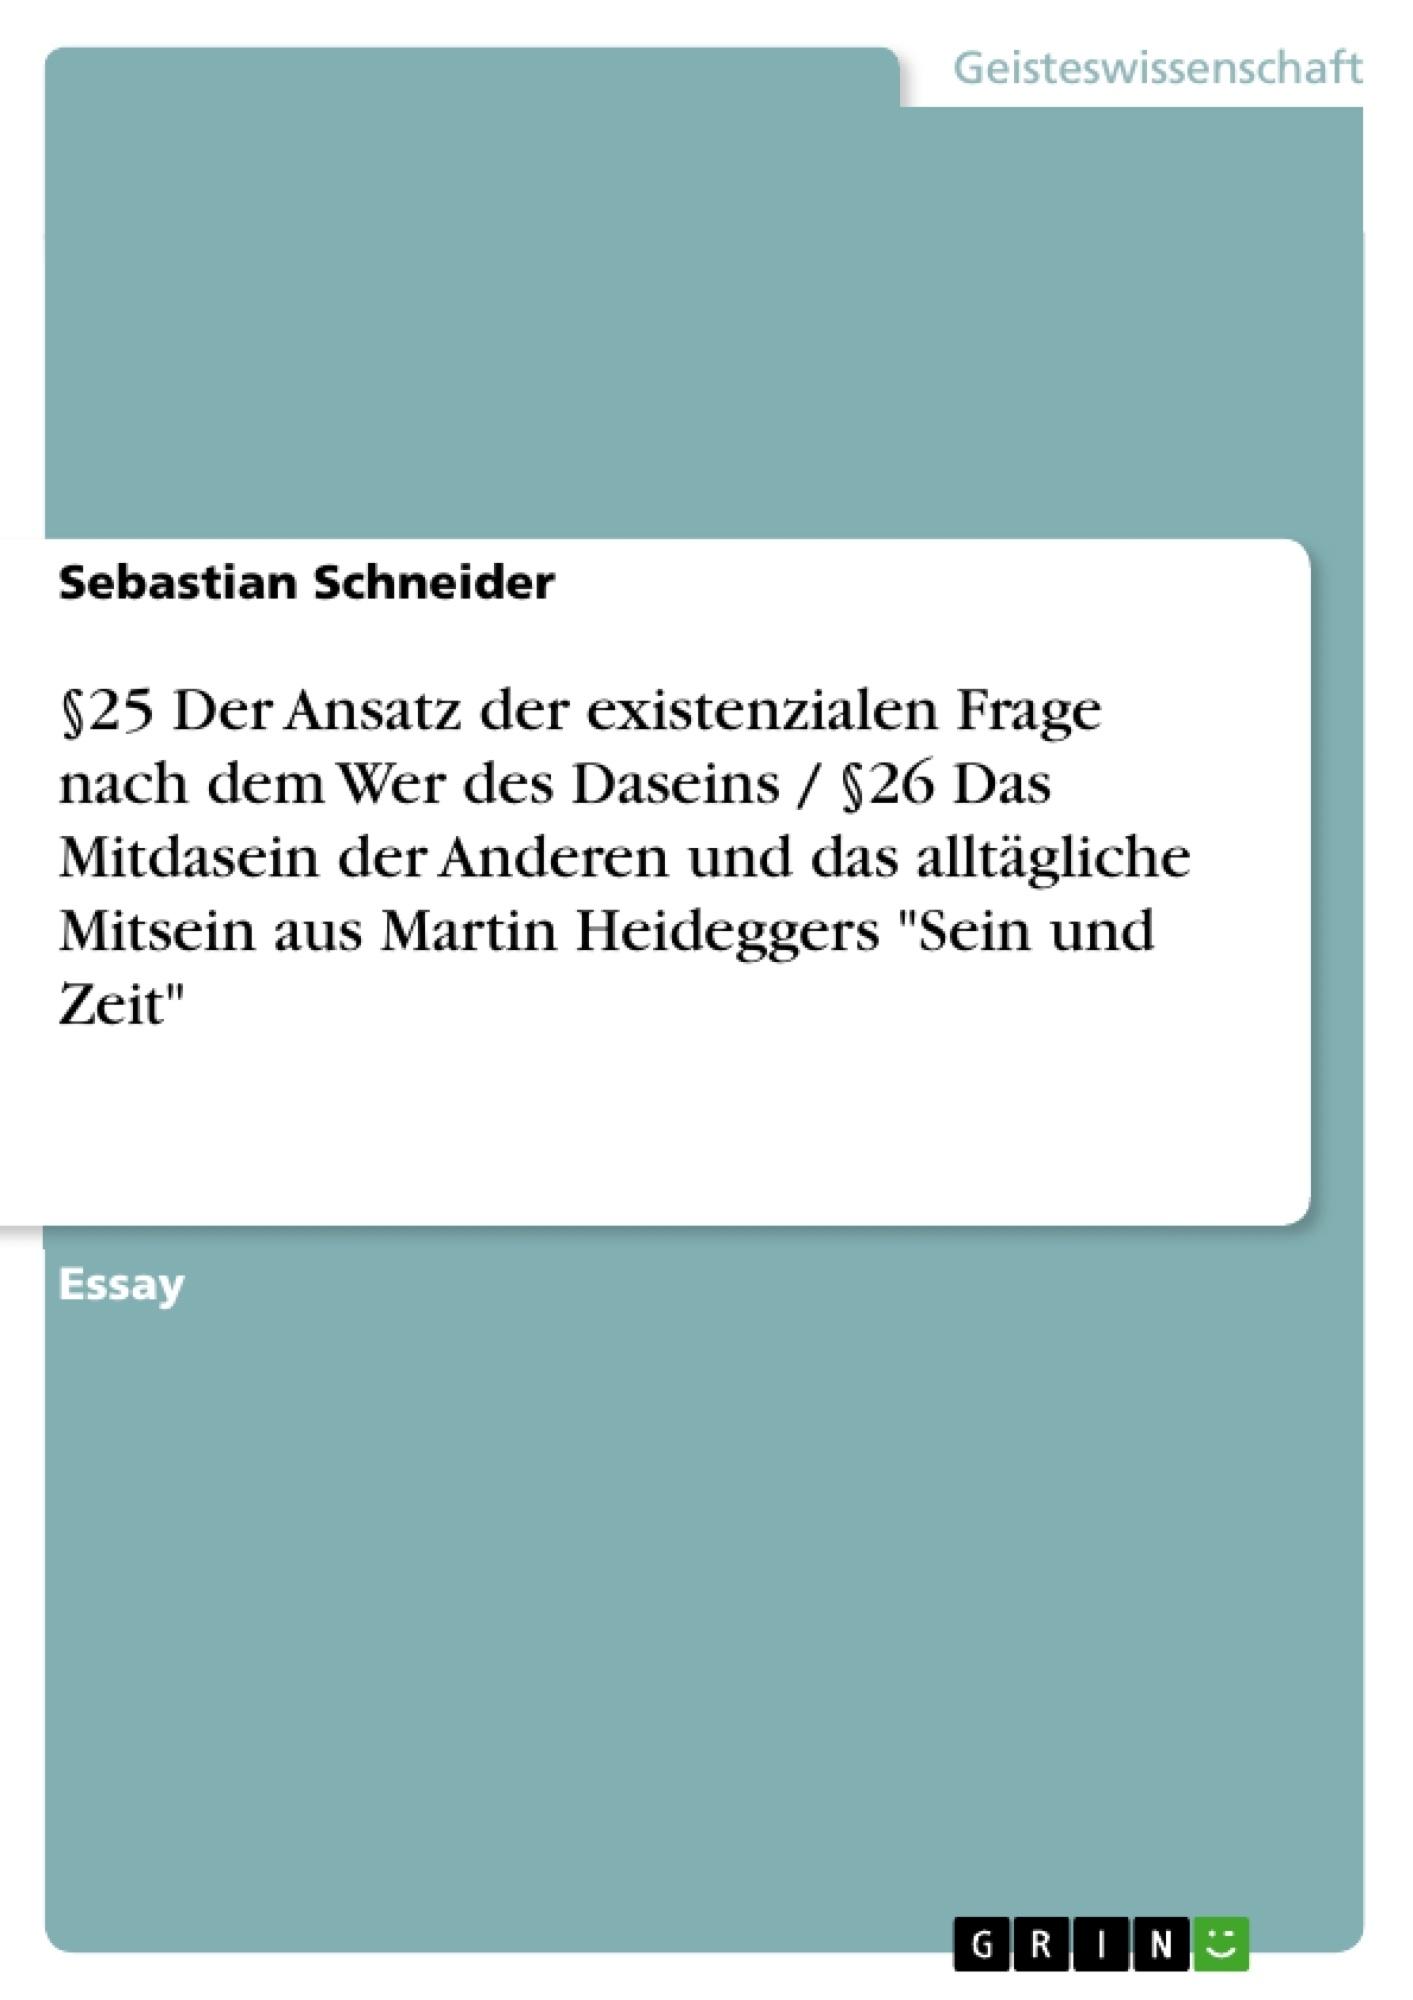 """Titel: §25 Der Ansatz der existenzialen Frage nach dem Wer des Daseins / §26 Das Mitdasein der Anderen und das alltägliche Mitsein aus Martin Heideggers """"Sein und Zeit"""""""